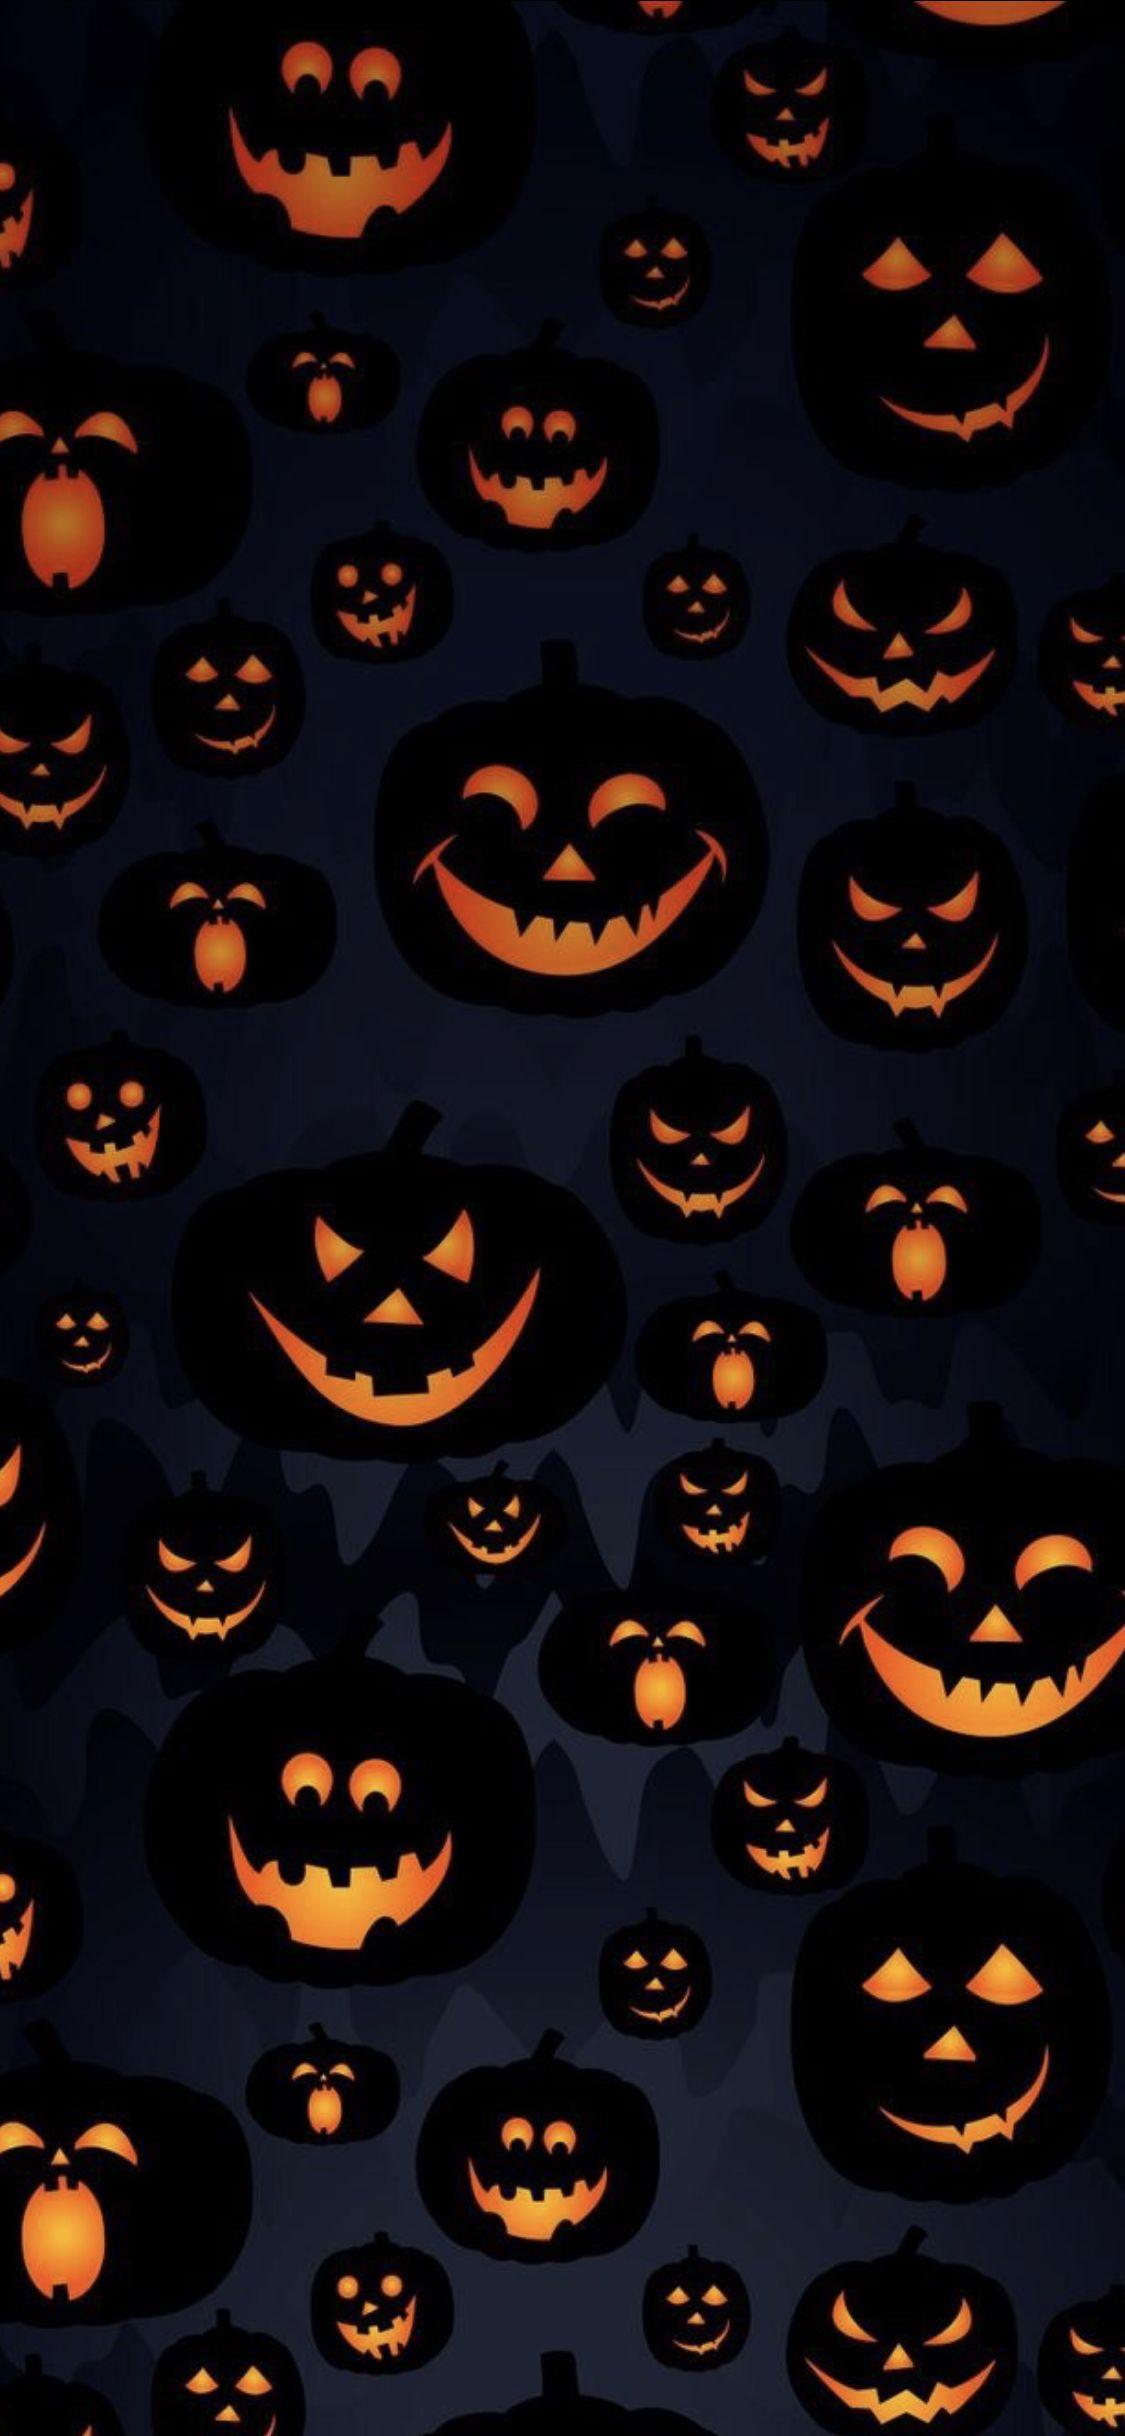 Pin by 🅖🅔🅔🅩🅨 🅖🅔🅔🅩🅨 on ᵂᵃˡˡᵖᵃᵖᵉʳˢ Halloween wallpaper